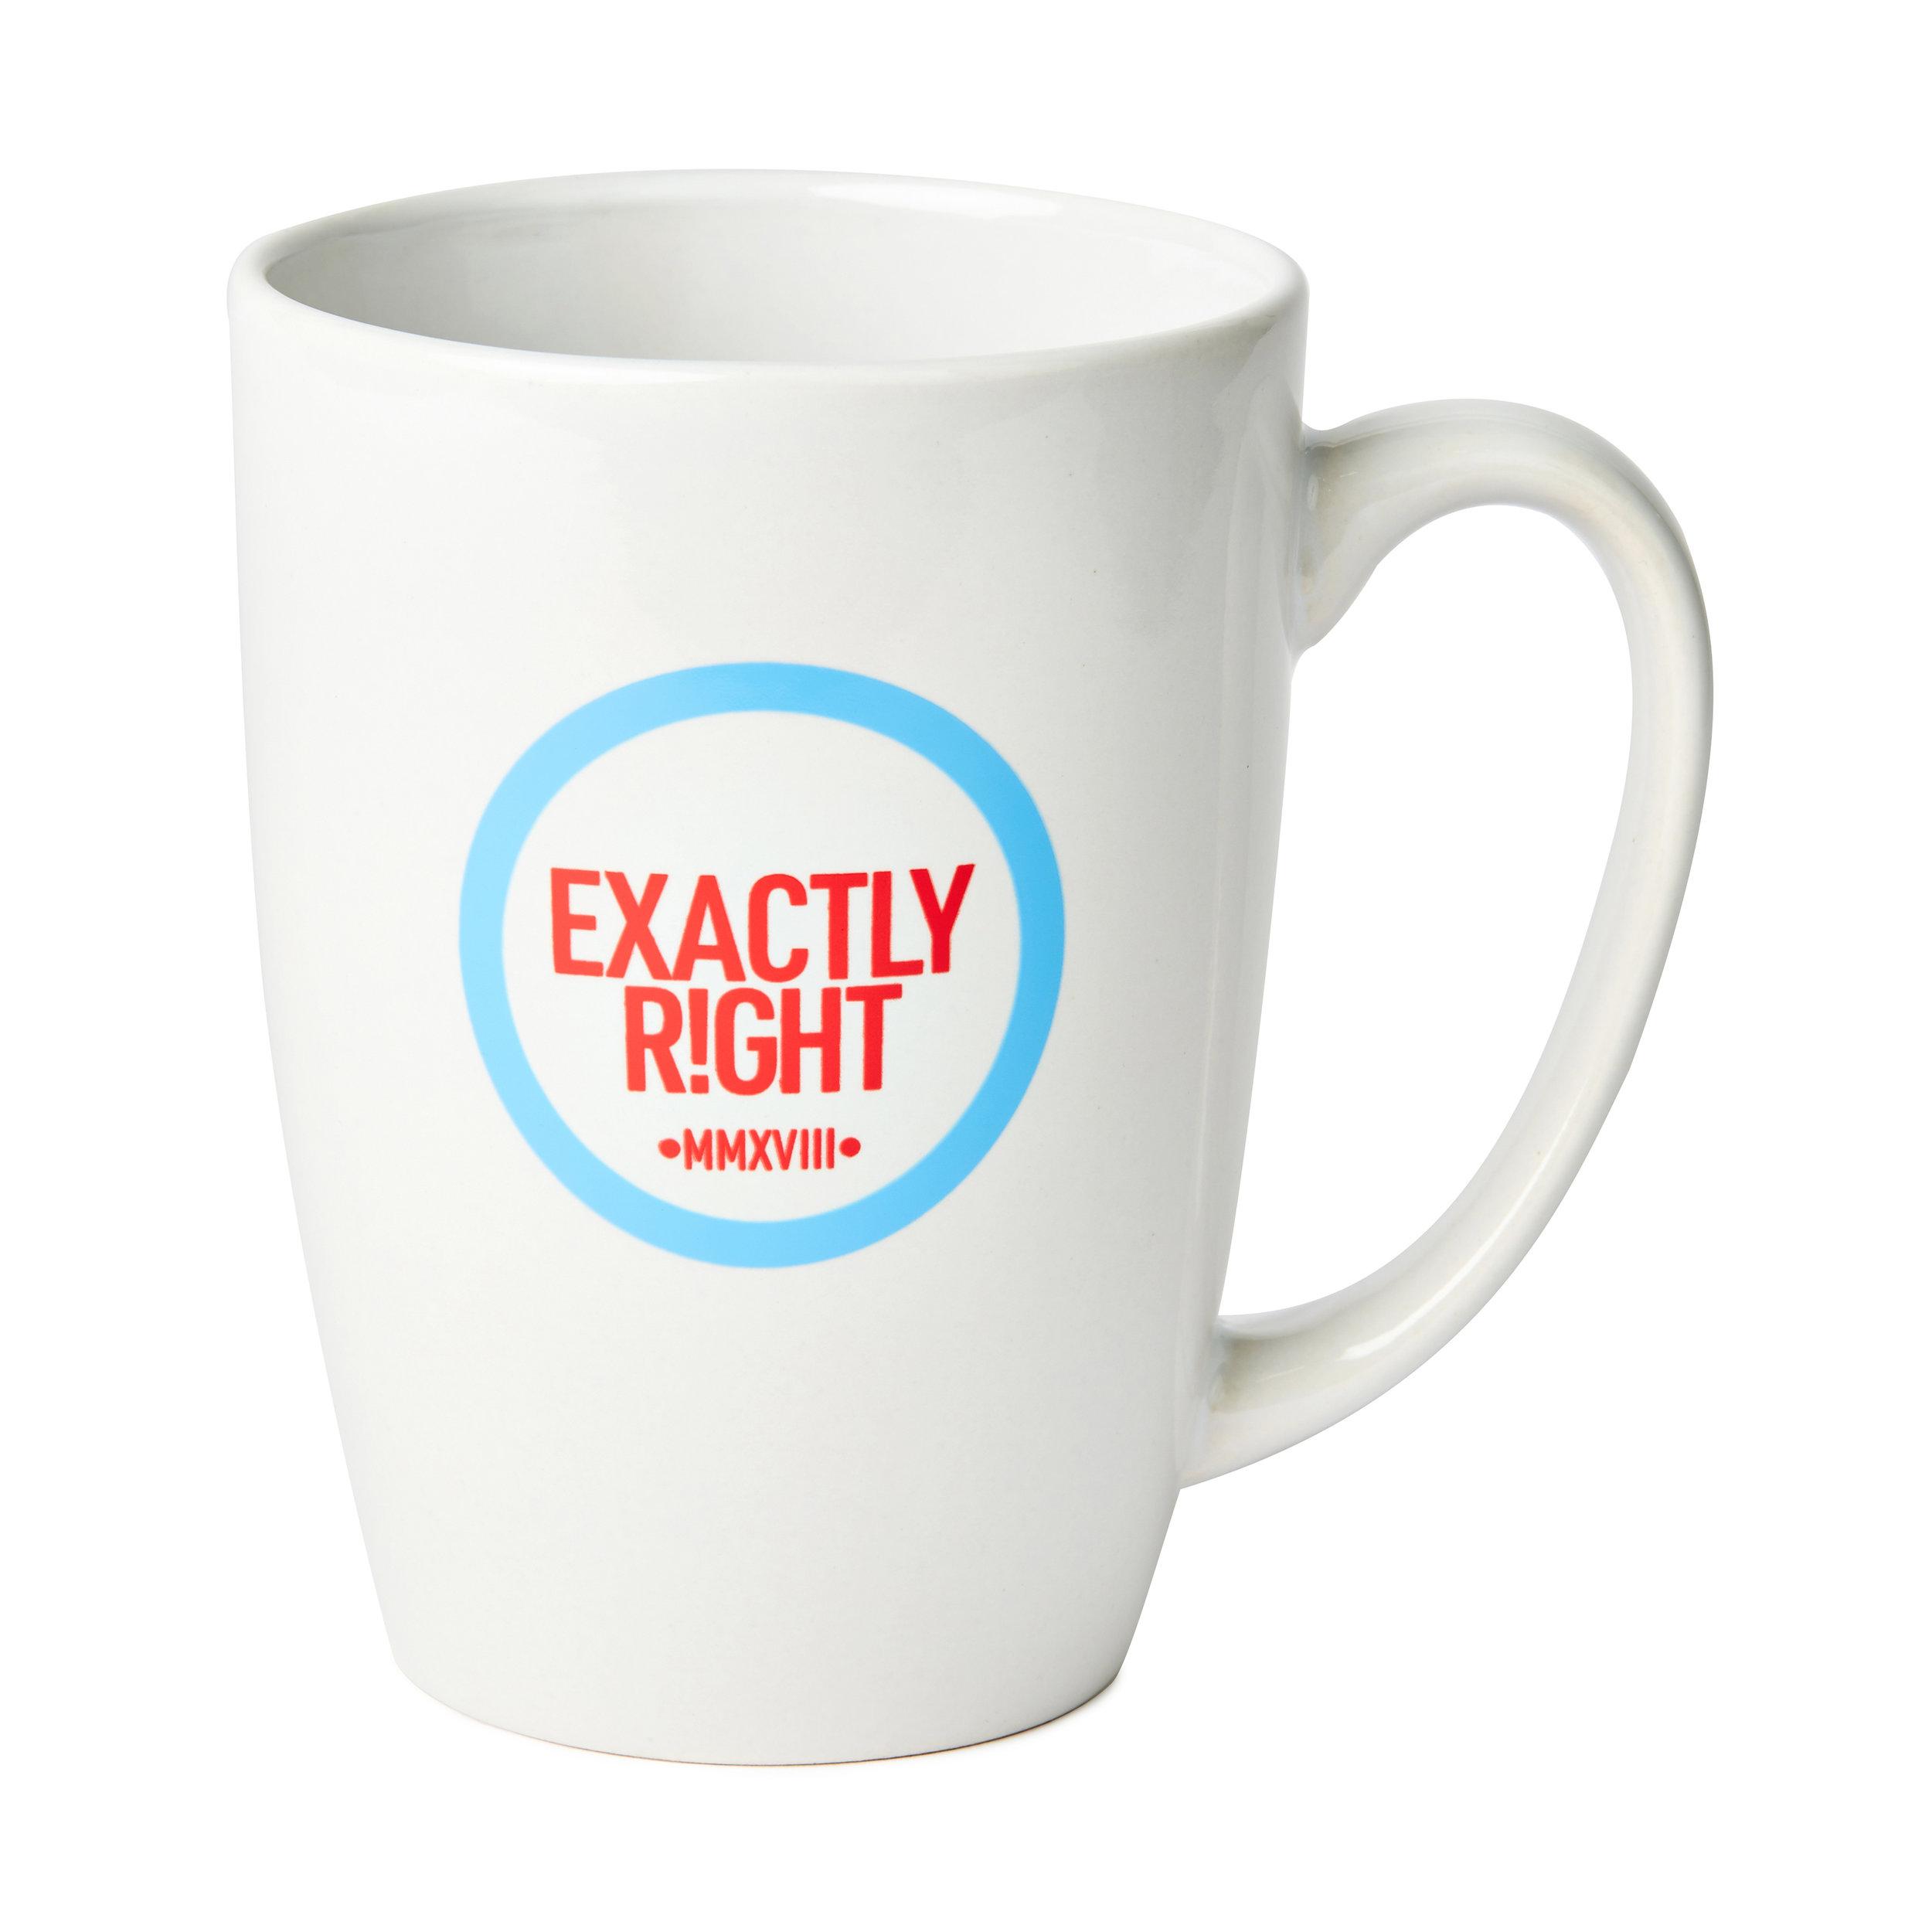 Exactly Right Mug $20